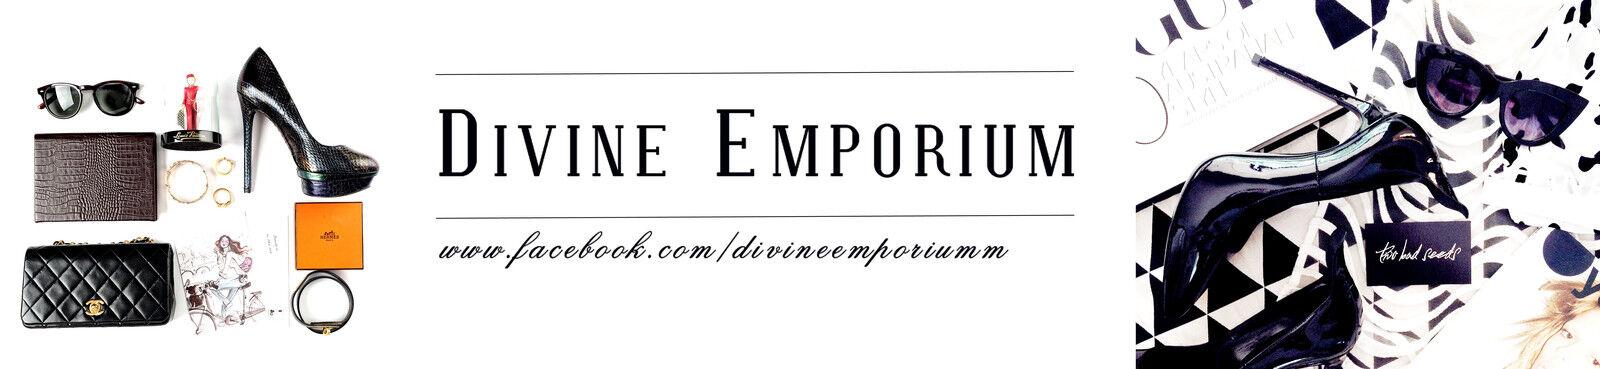 DIVINE EMPORIUM